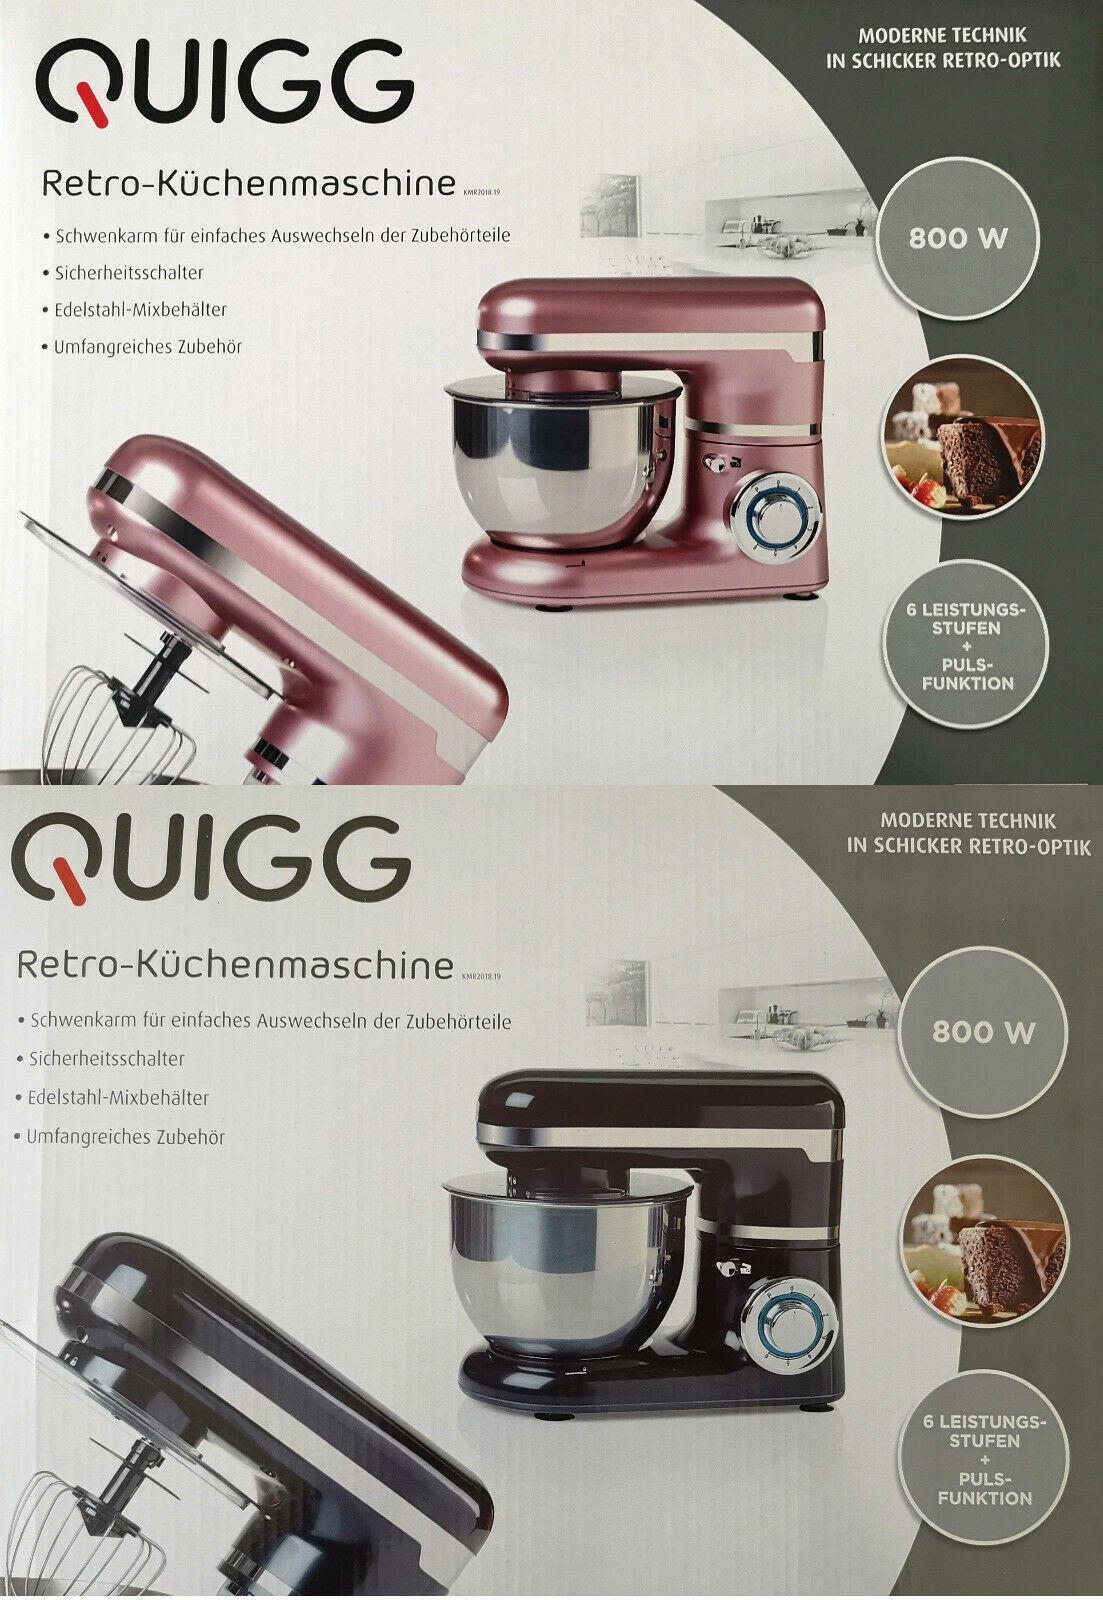 Quigg Retro Küchenmaschine 800 Watt